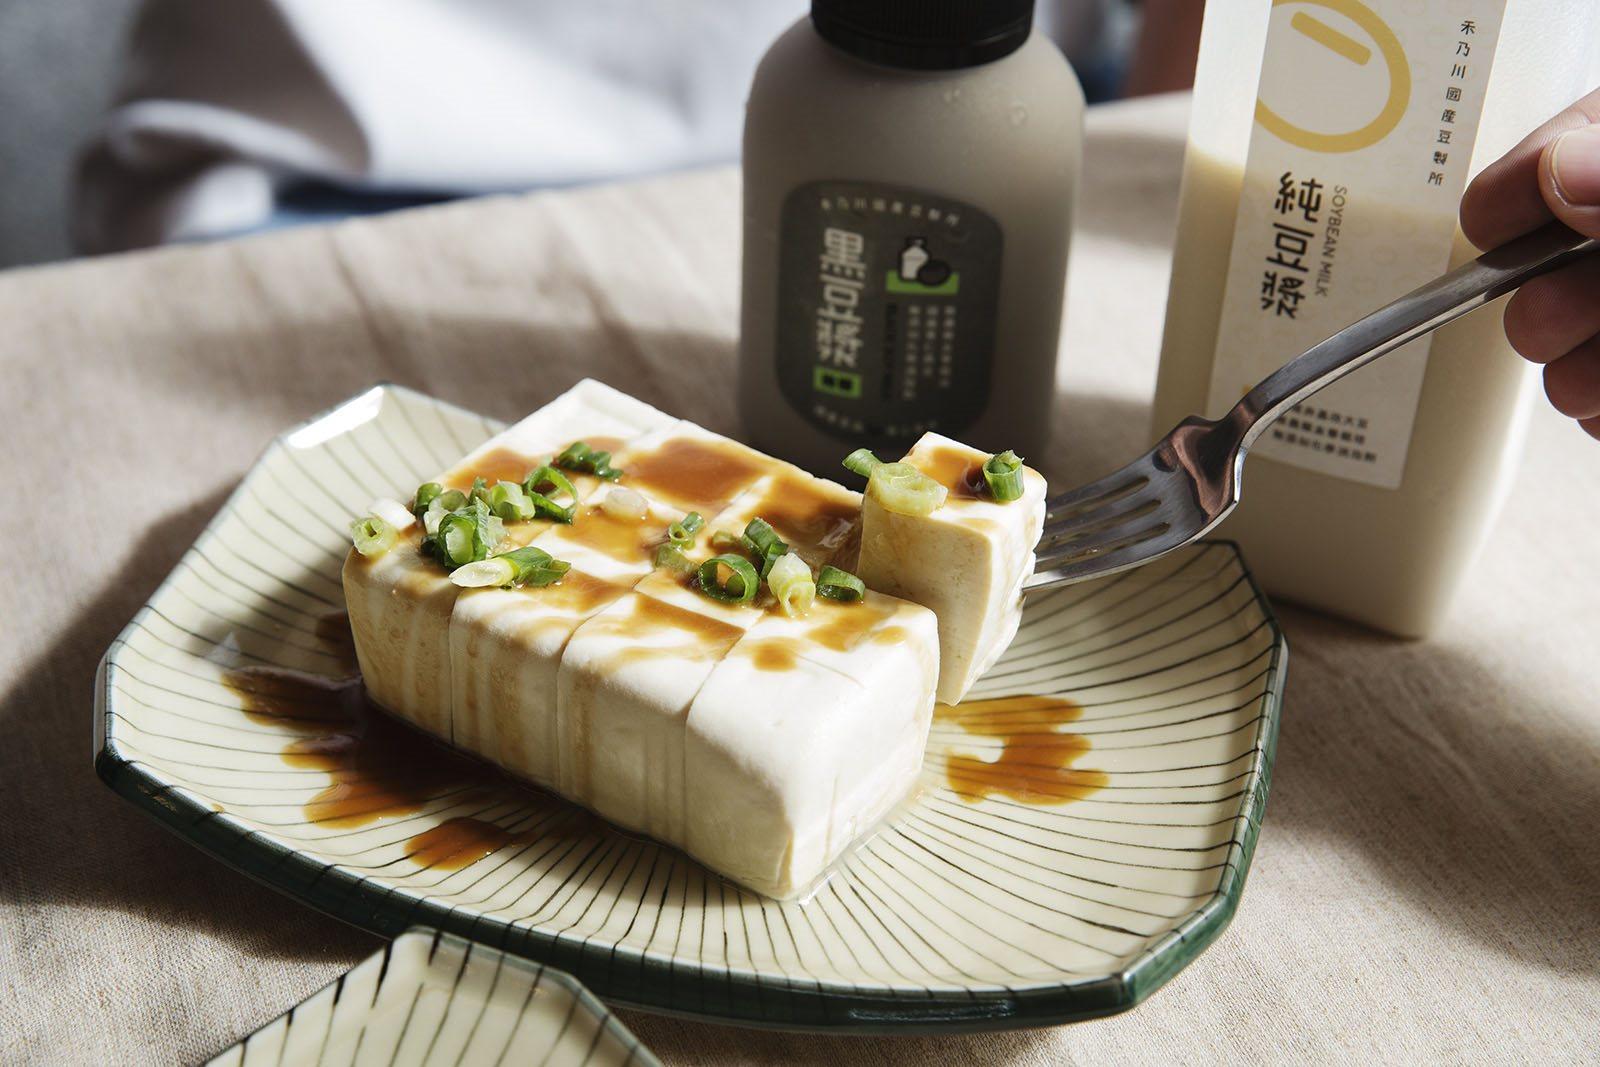 鹽鹵豆腐 - 選用台灣在地小農非基改,有完整產銷履歷且生產者資訊透明的上等大豆